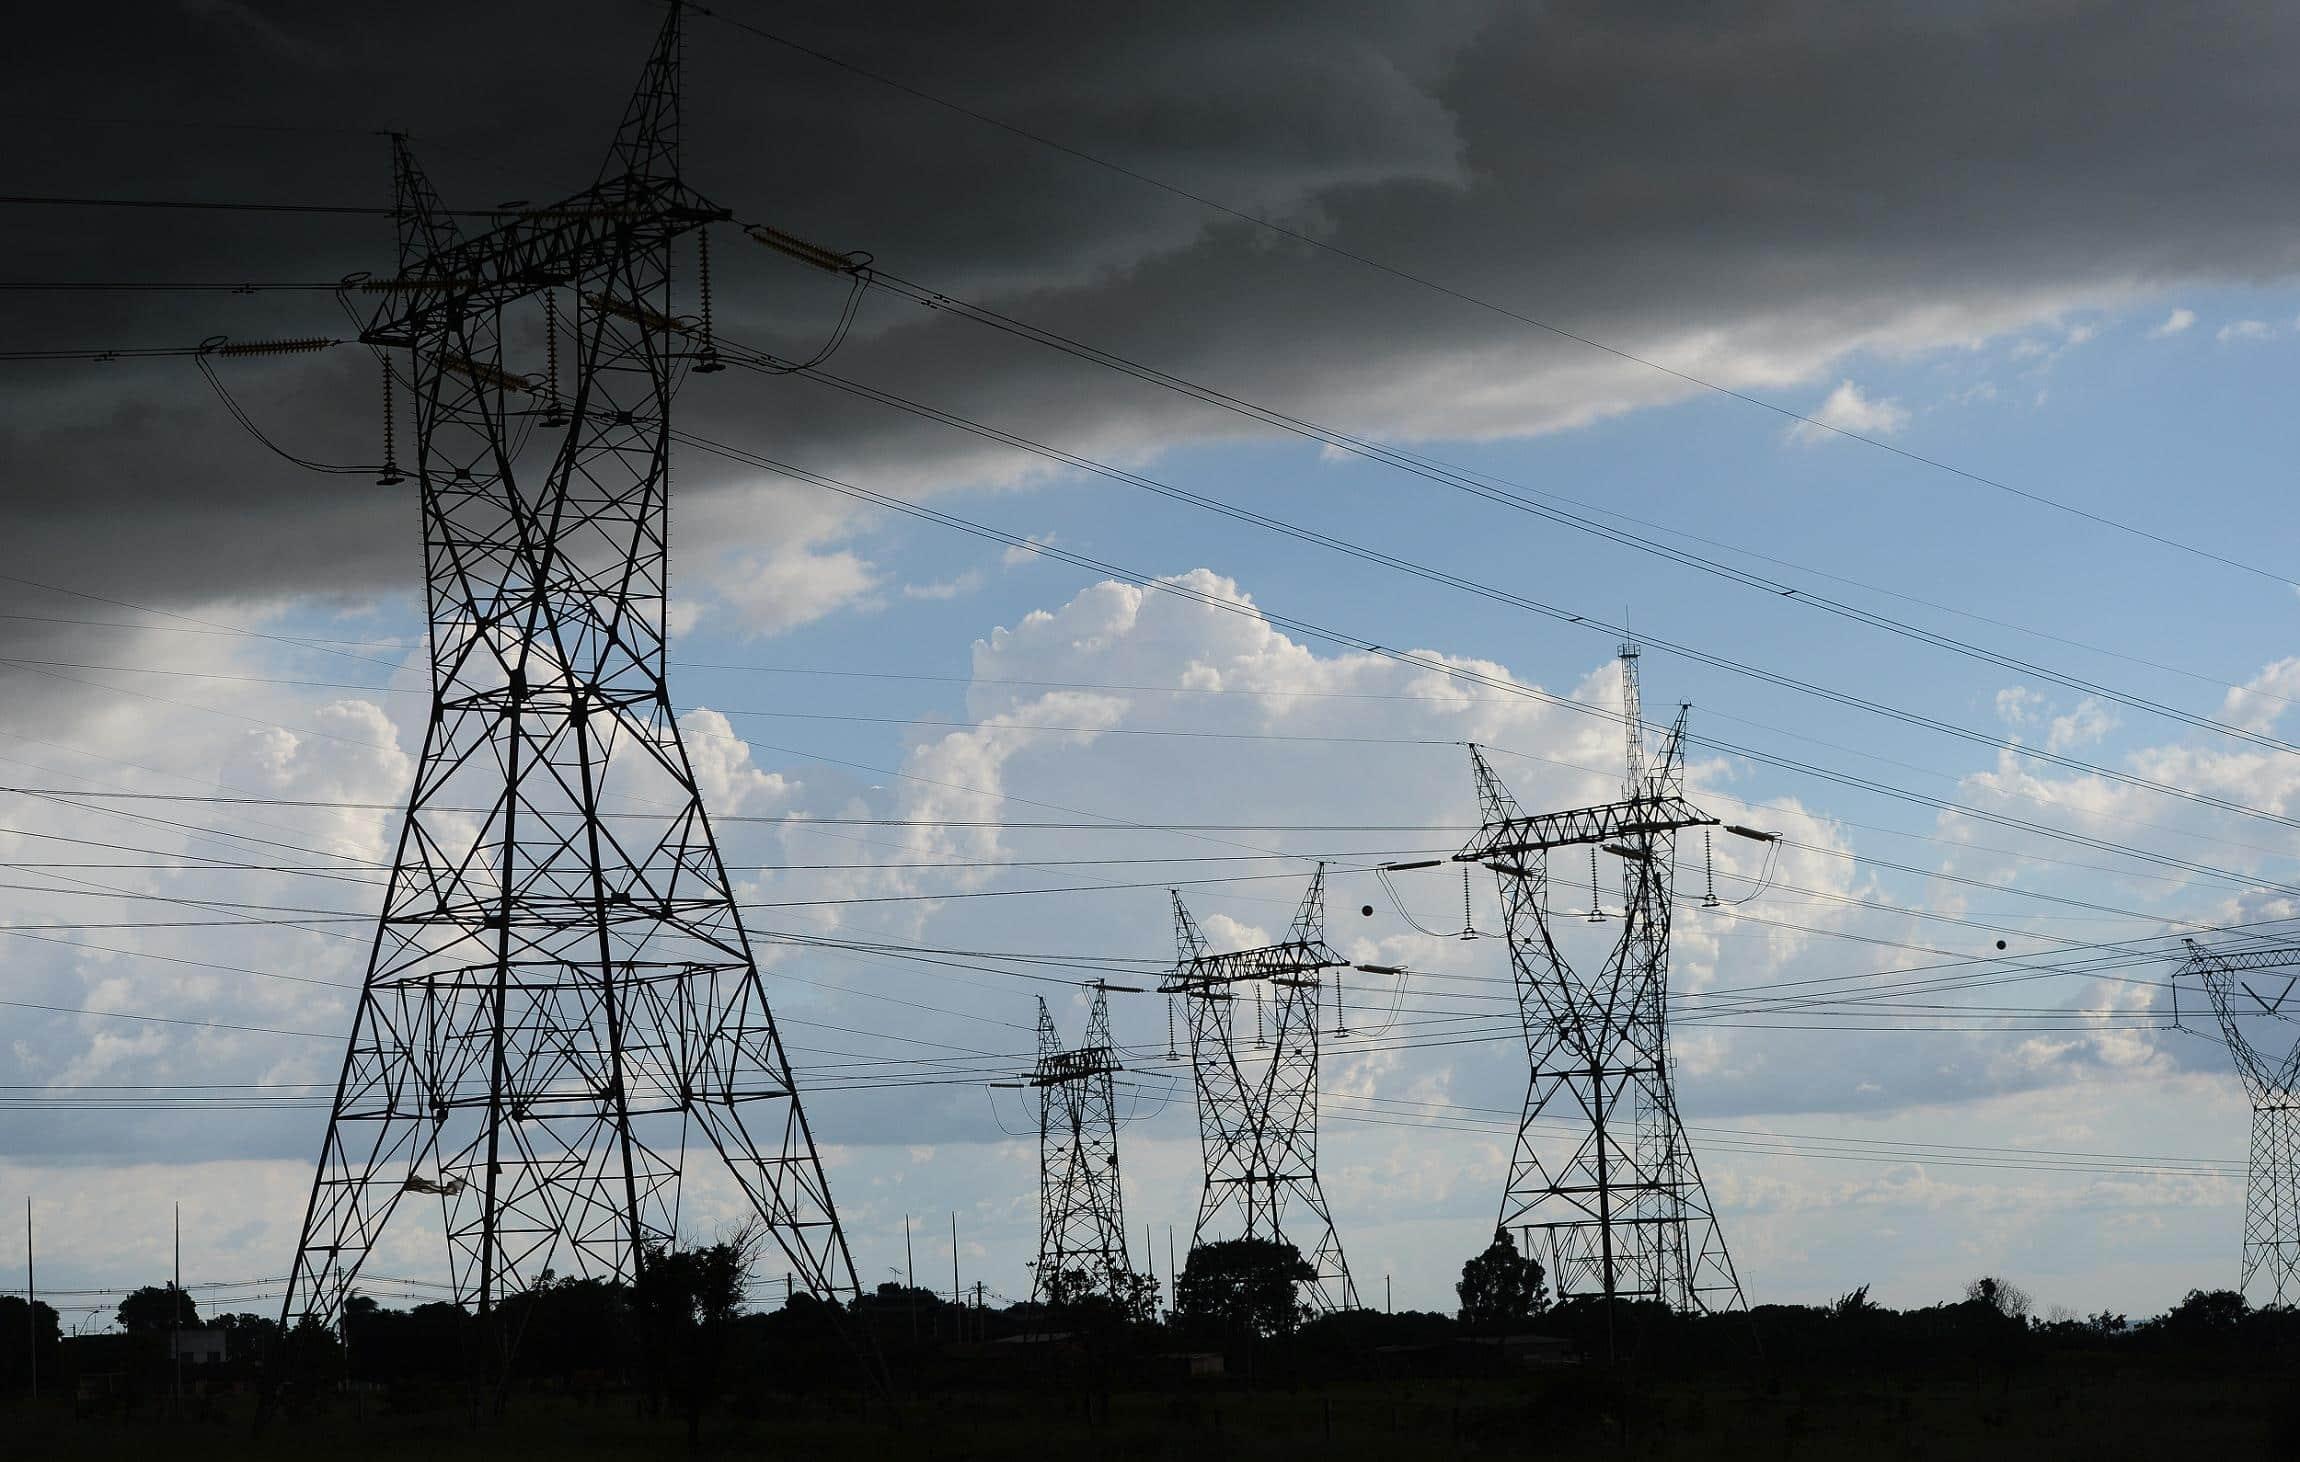 Conta de luz não terá tarifas extras até dezembro devido à Covid-19